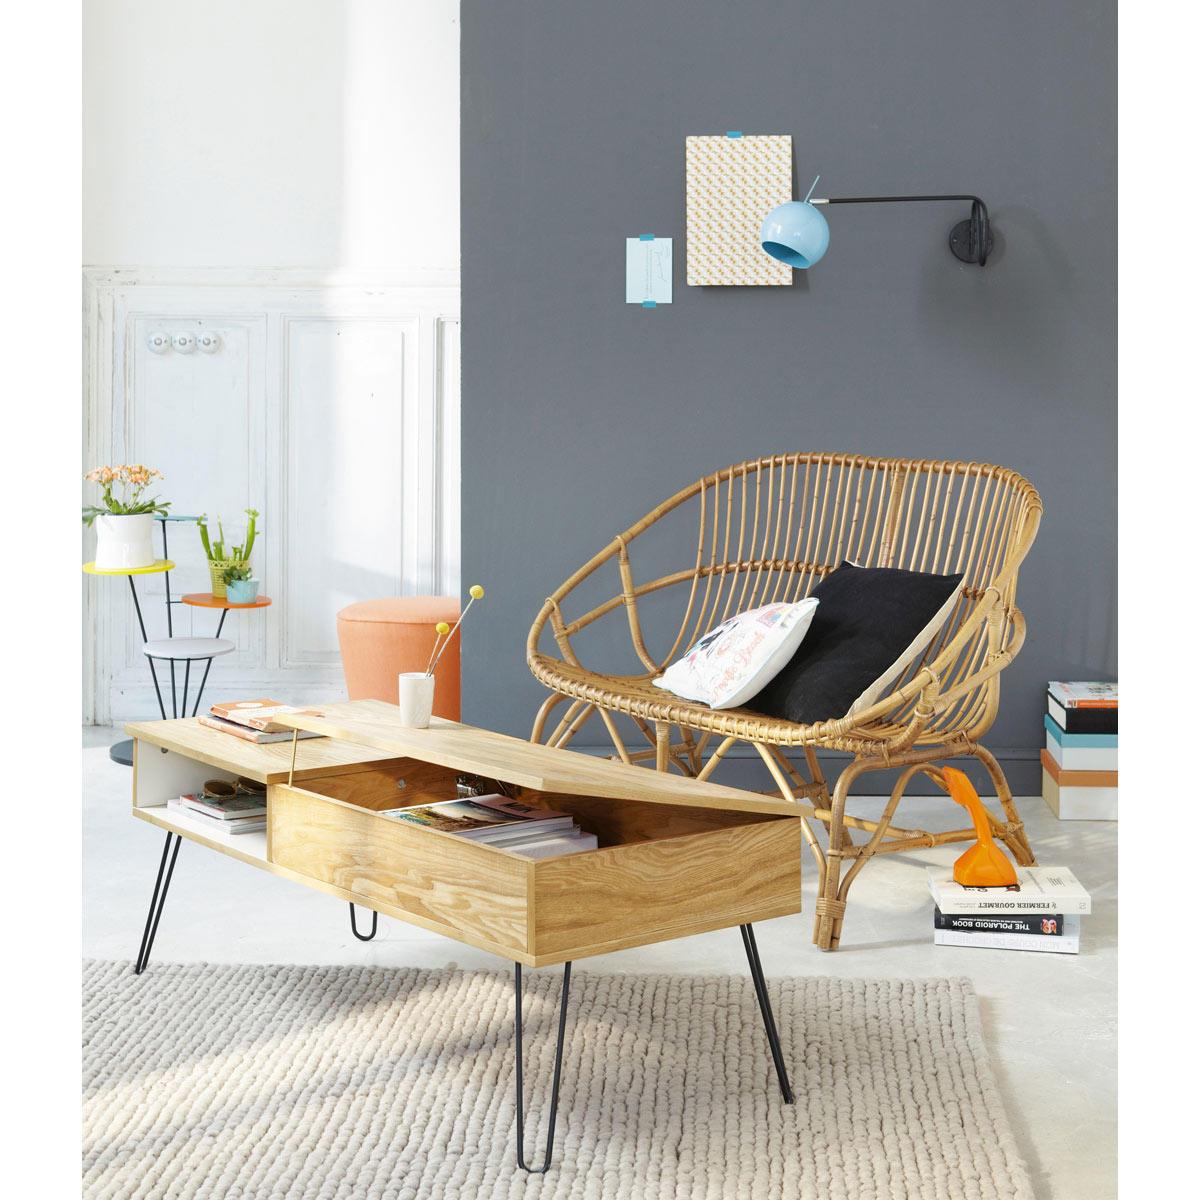 Mesas de estilo vintage